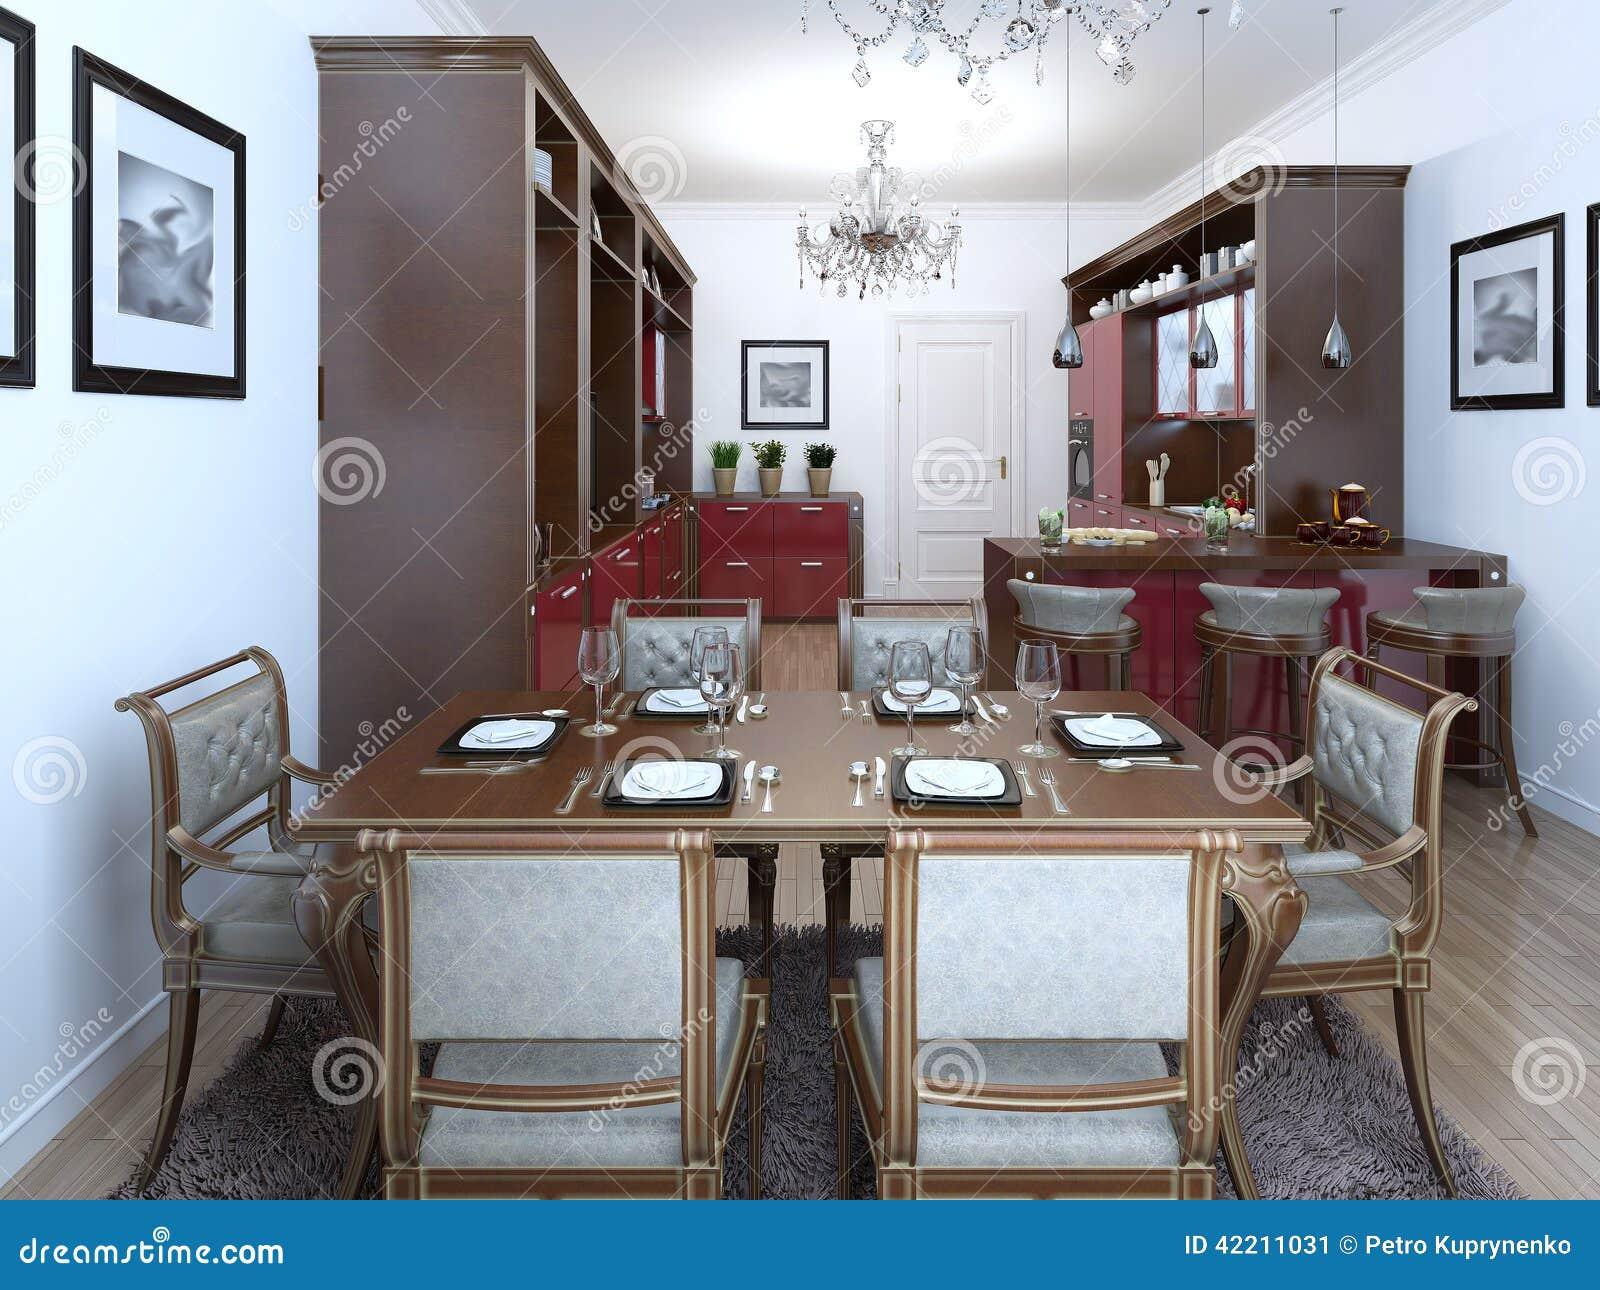 Art Deco Stijl : Keuken in de art deco stijl stock illustratie illustratie